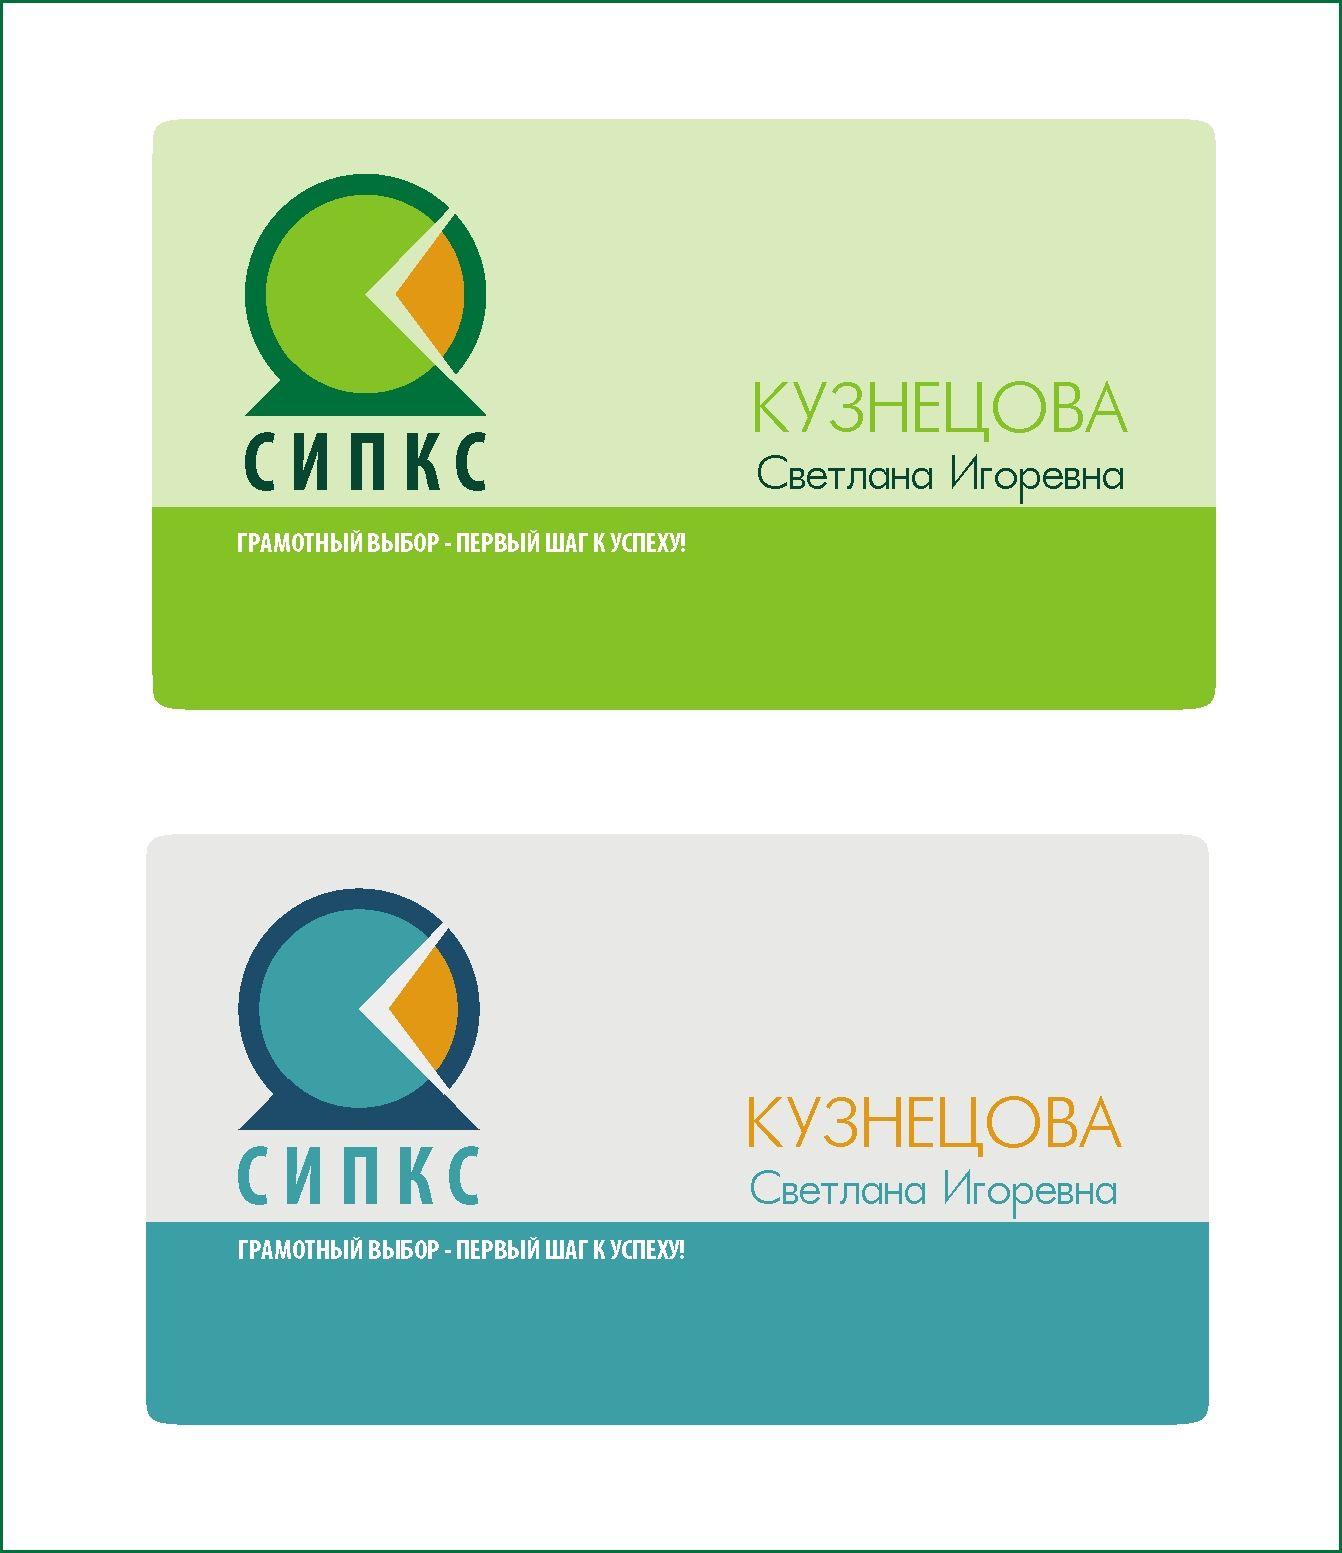 Редизайн логотипа и фирменный стиль - дизайнер chudoriba